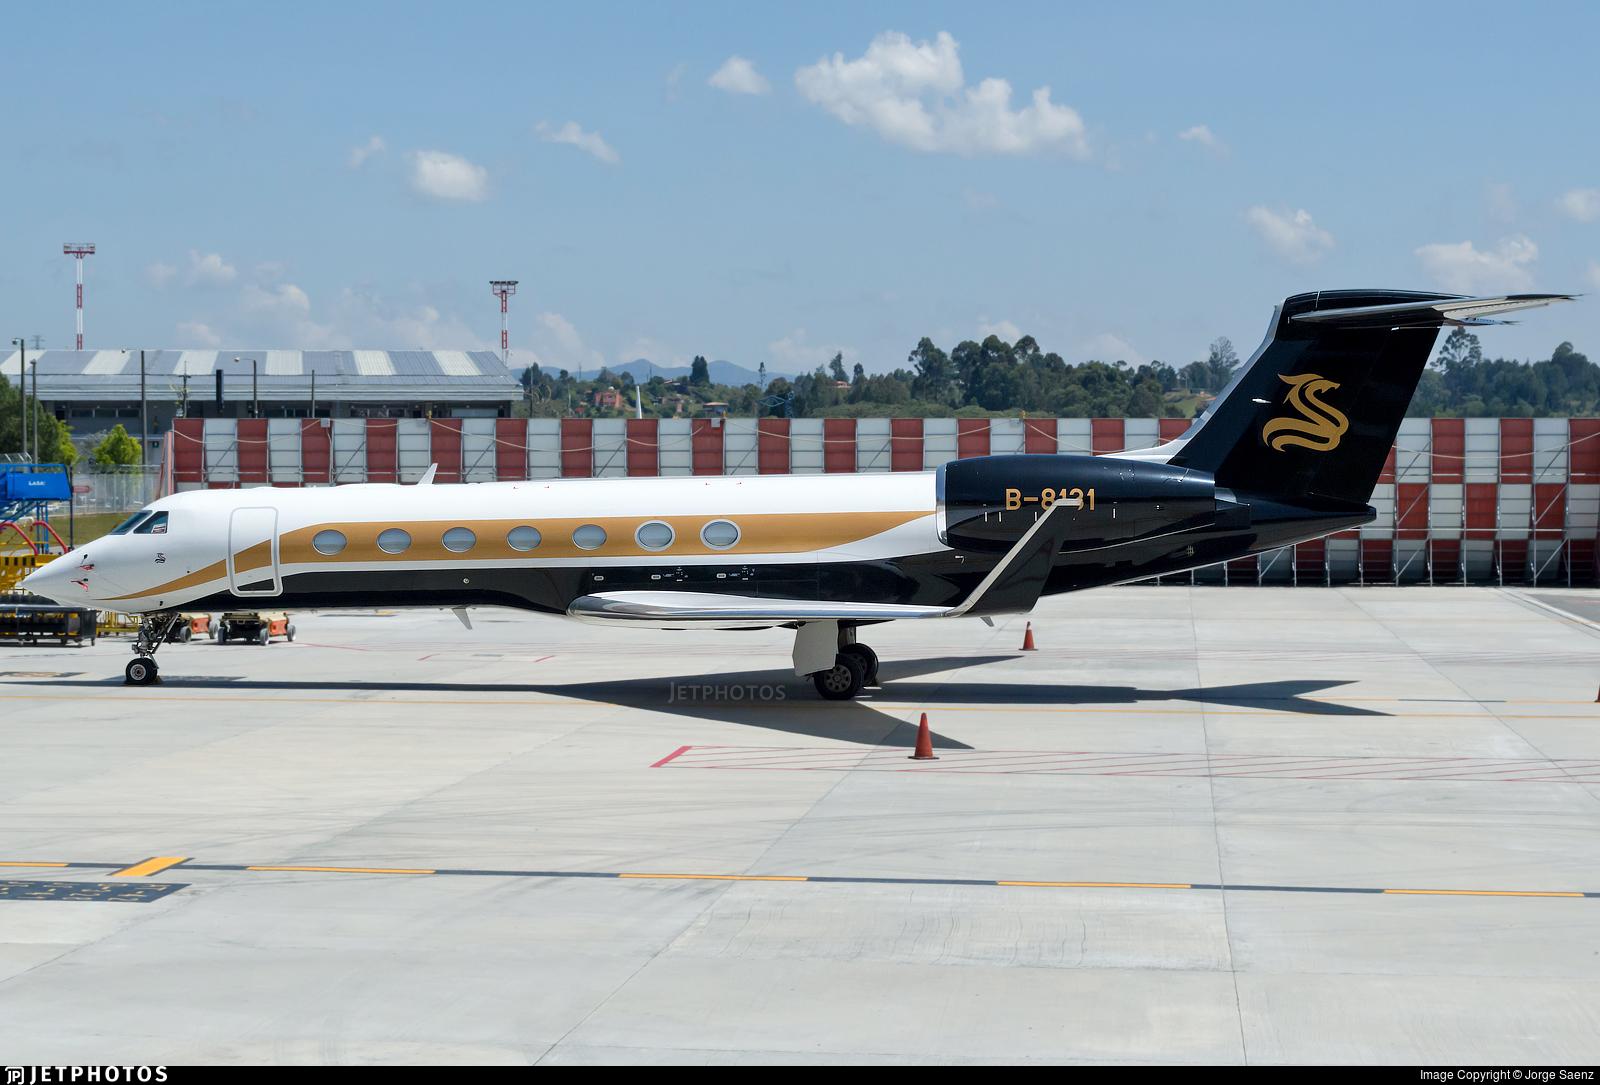 B-8131 - Gulfstream G550 - Private